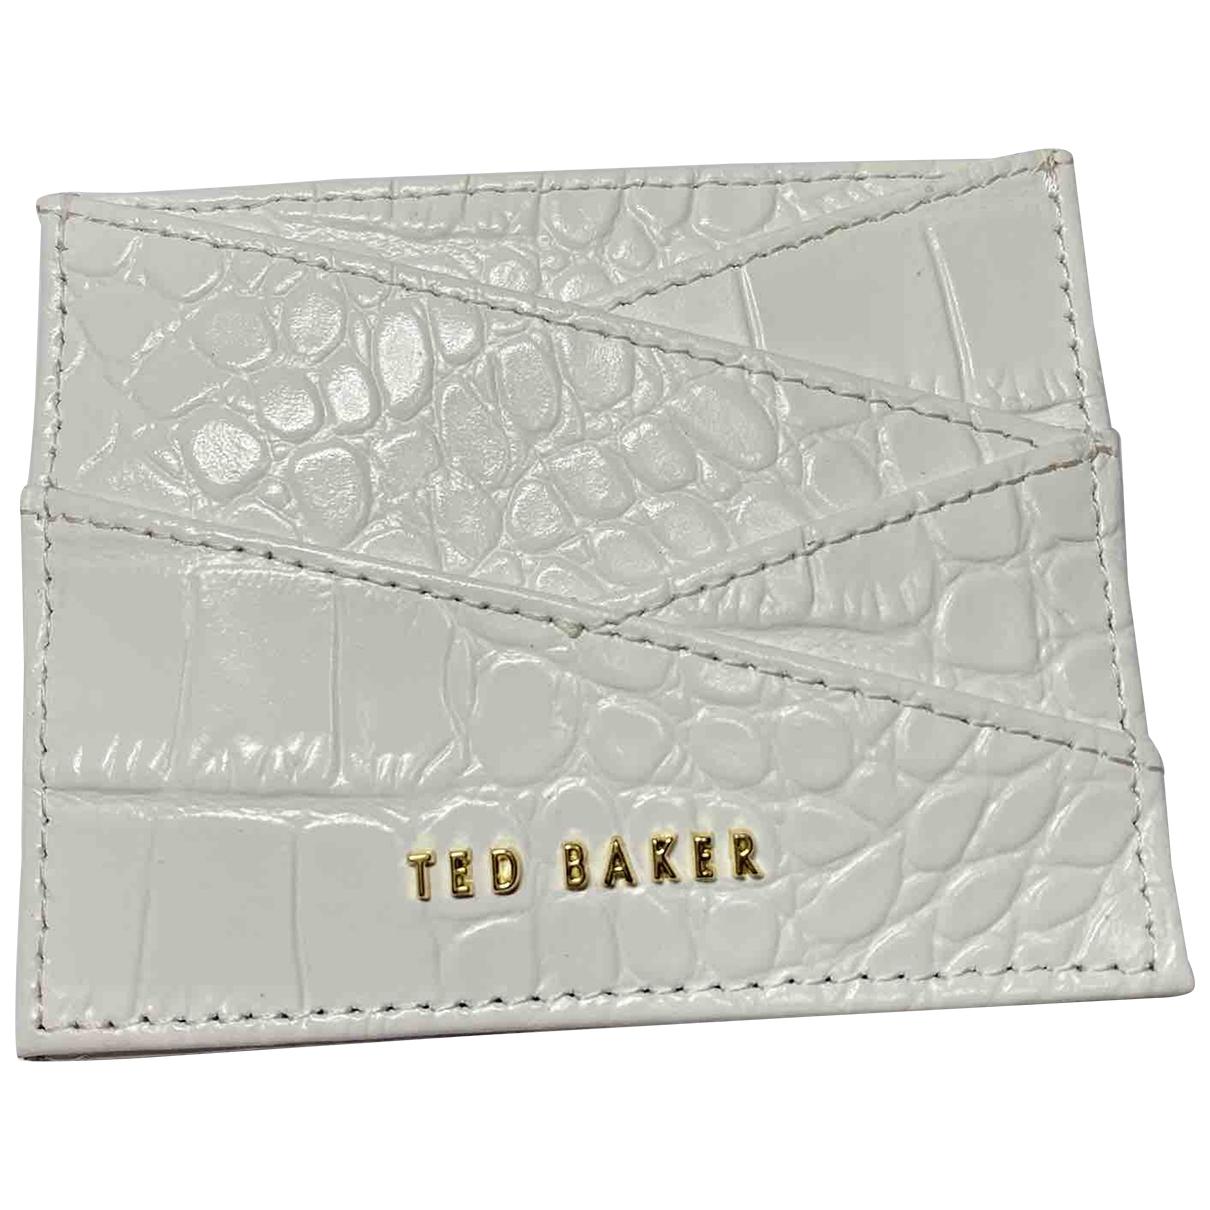 Ted Baker - Petite maroquinerie   pour femme en autre - blanc